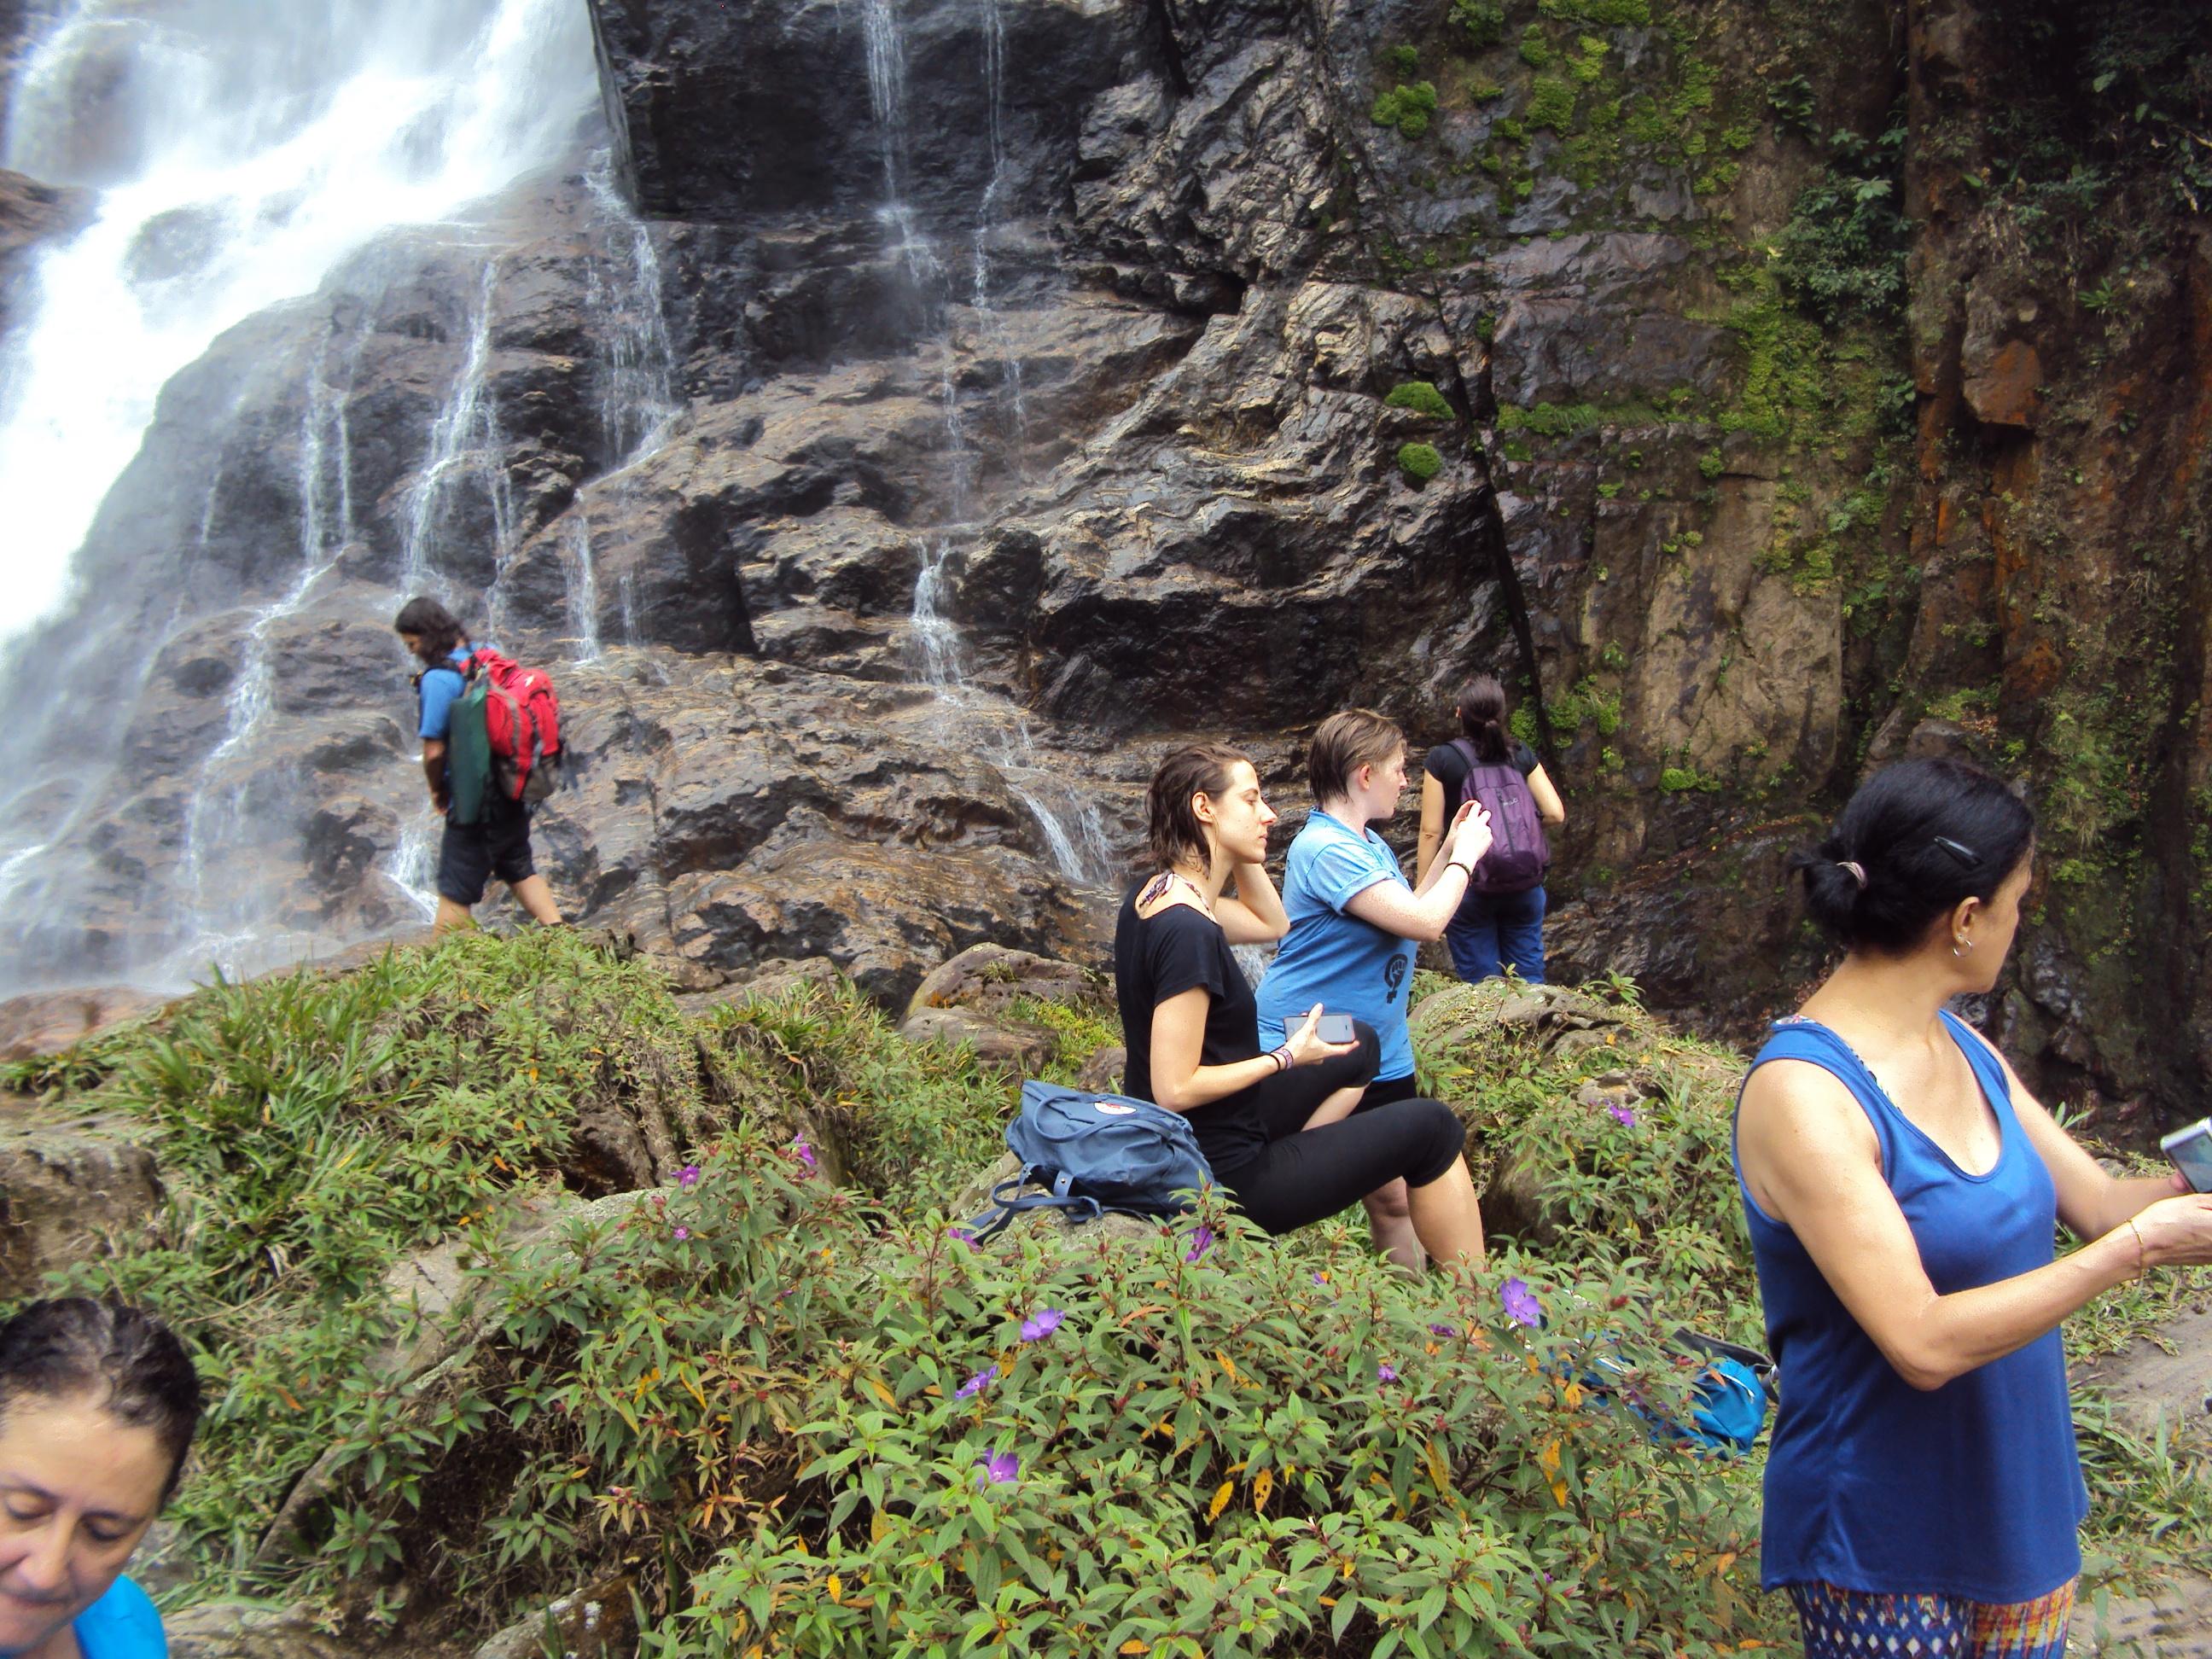 Vale das cachoeiras novembro 2014 047.jpg